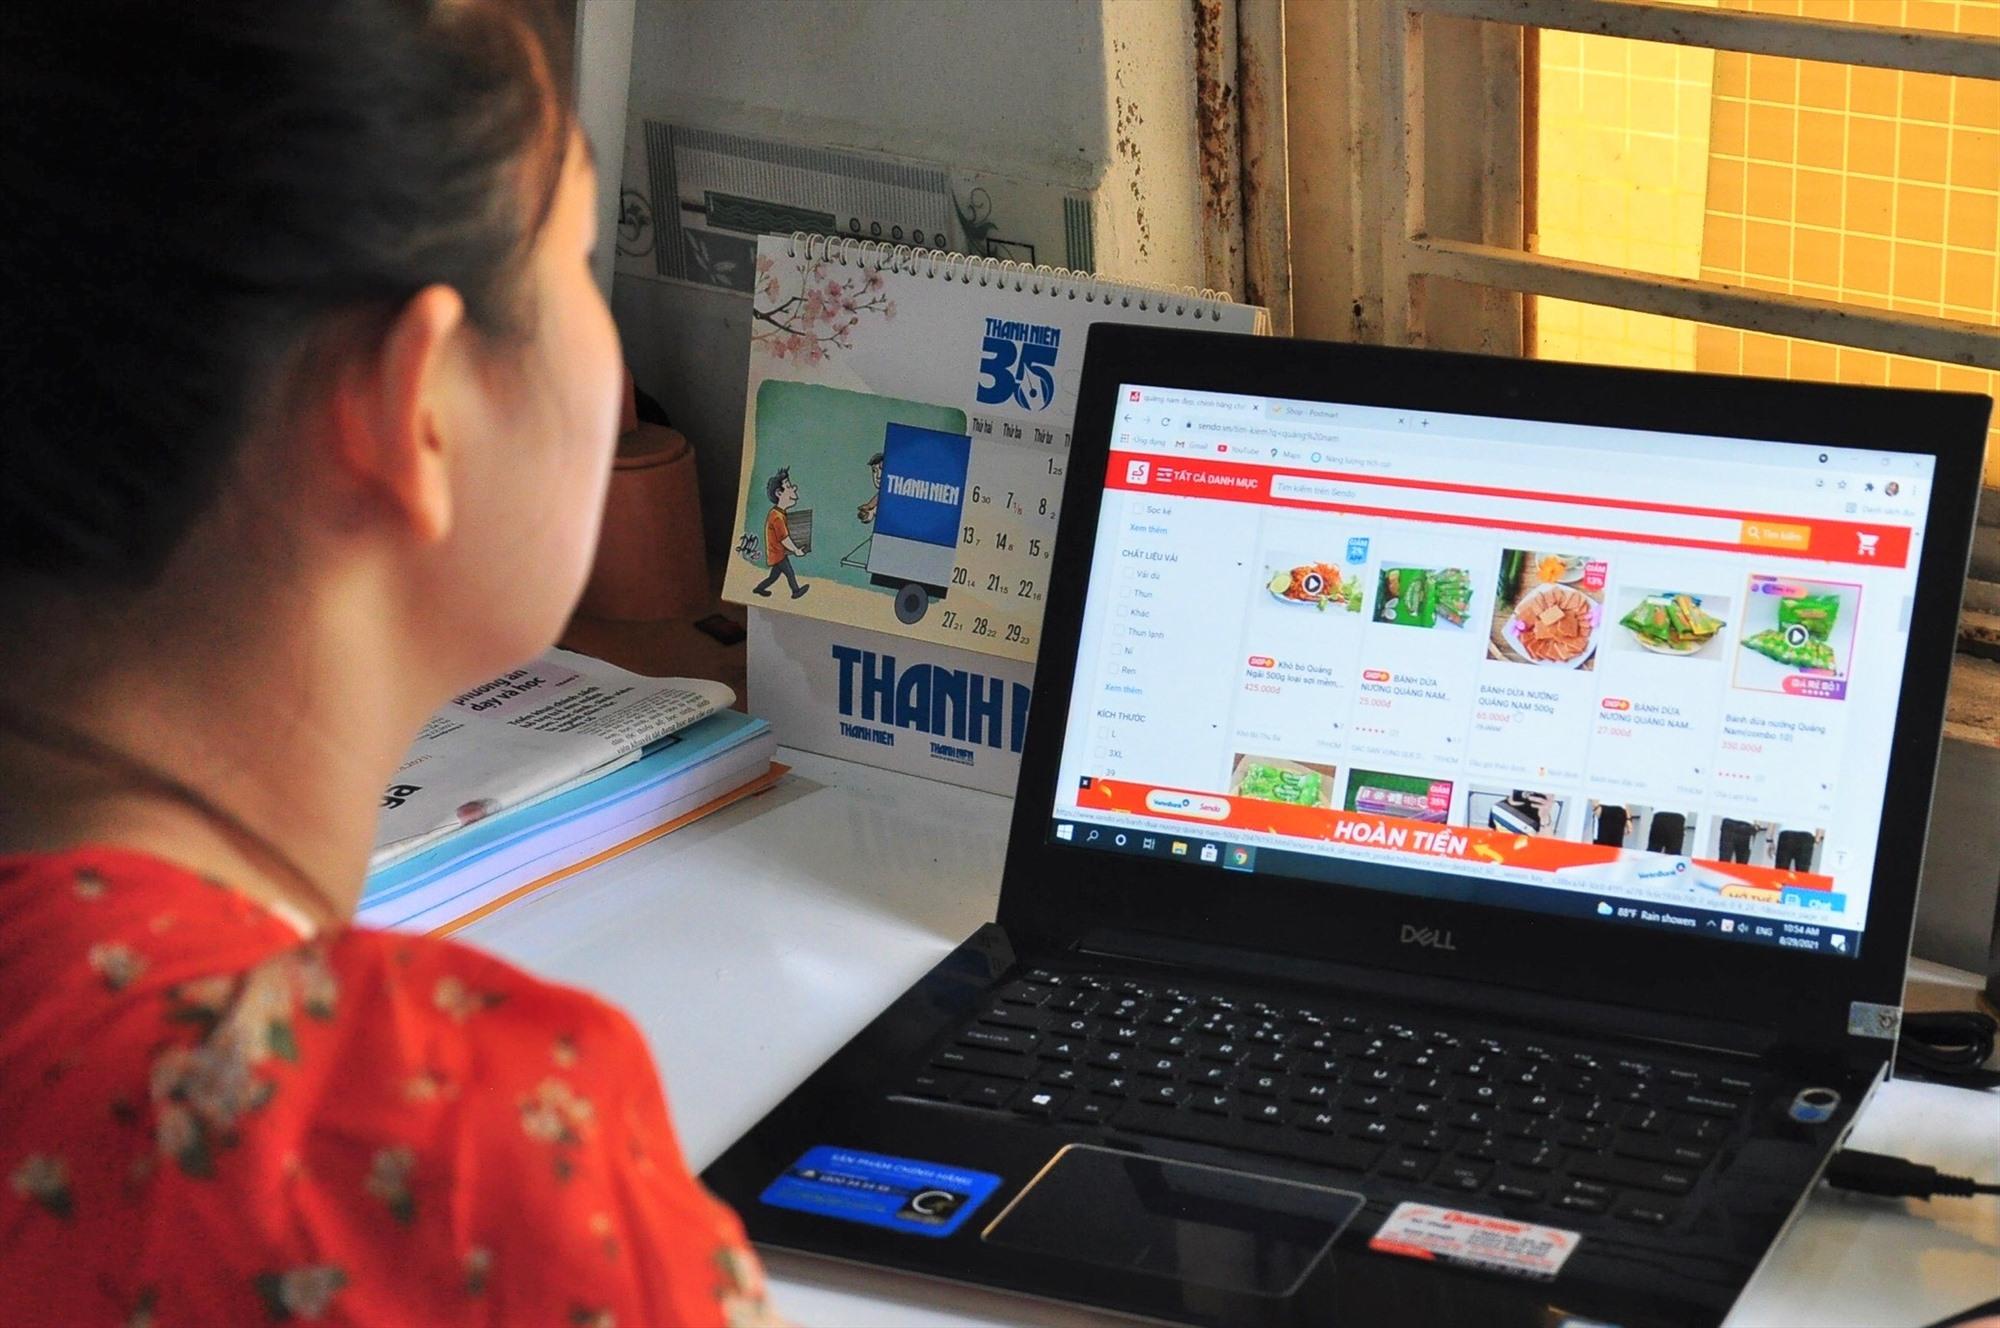 Ngày nay, người tiêu dùng dễ dàng mua sắm trực tuyến chỉ với một vài thao tác trên điện thoại thông minh hoặc máy tính. Ảnh: A.Q